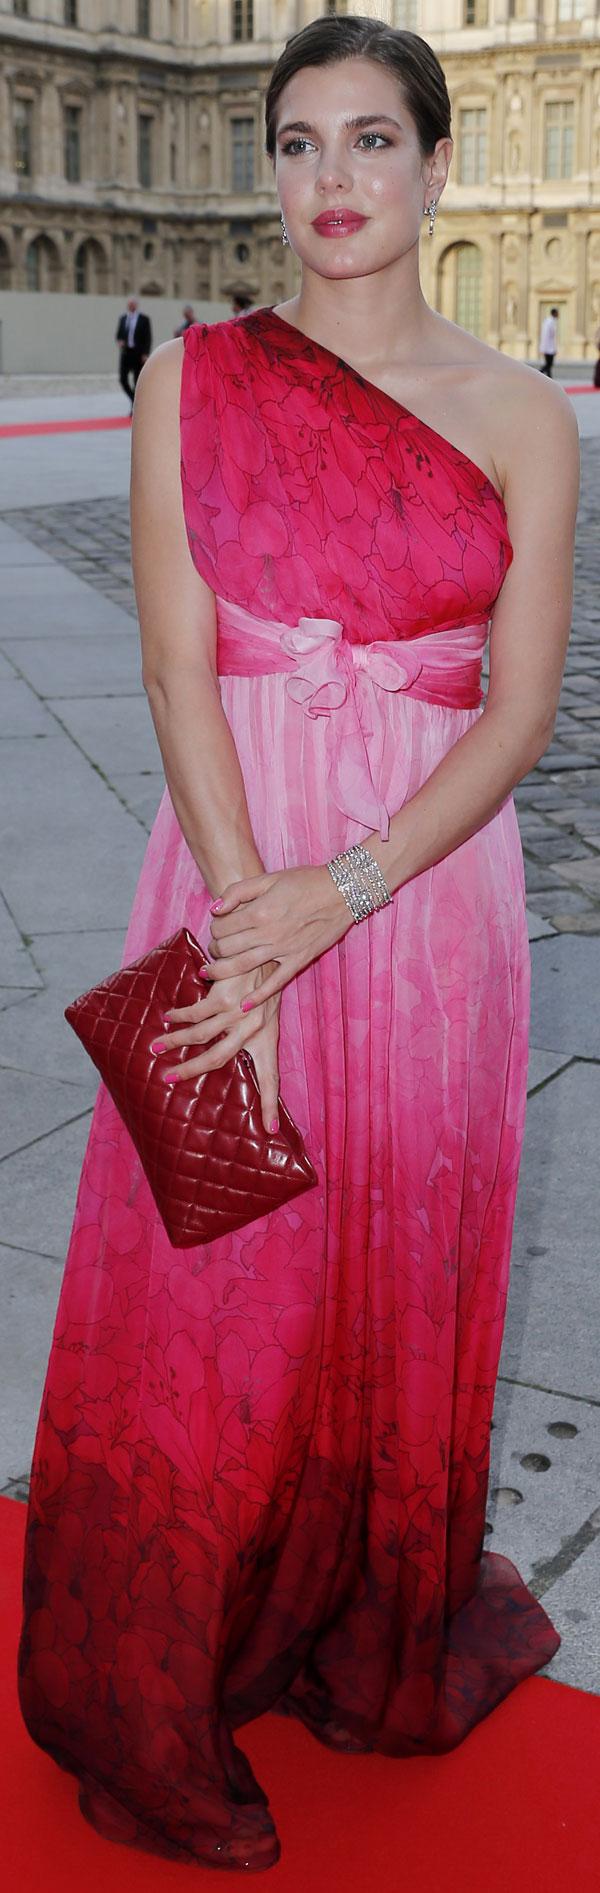 Los mejores looks de embarazo de Carlota Casiraghi - Fotos de ...